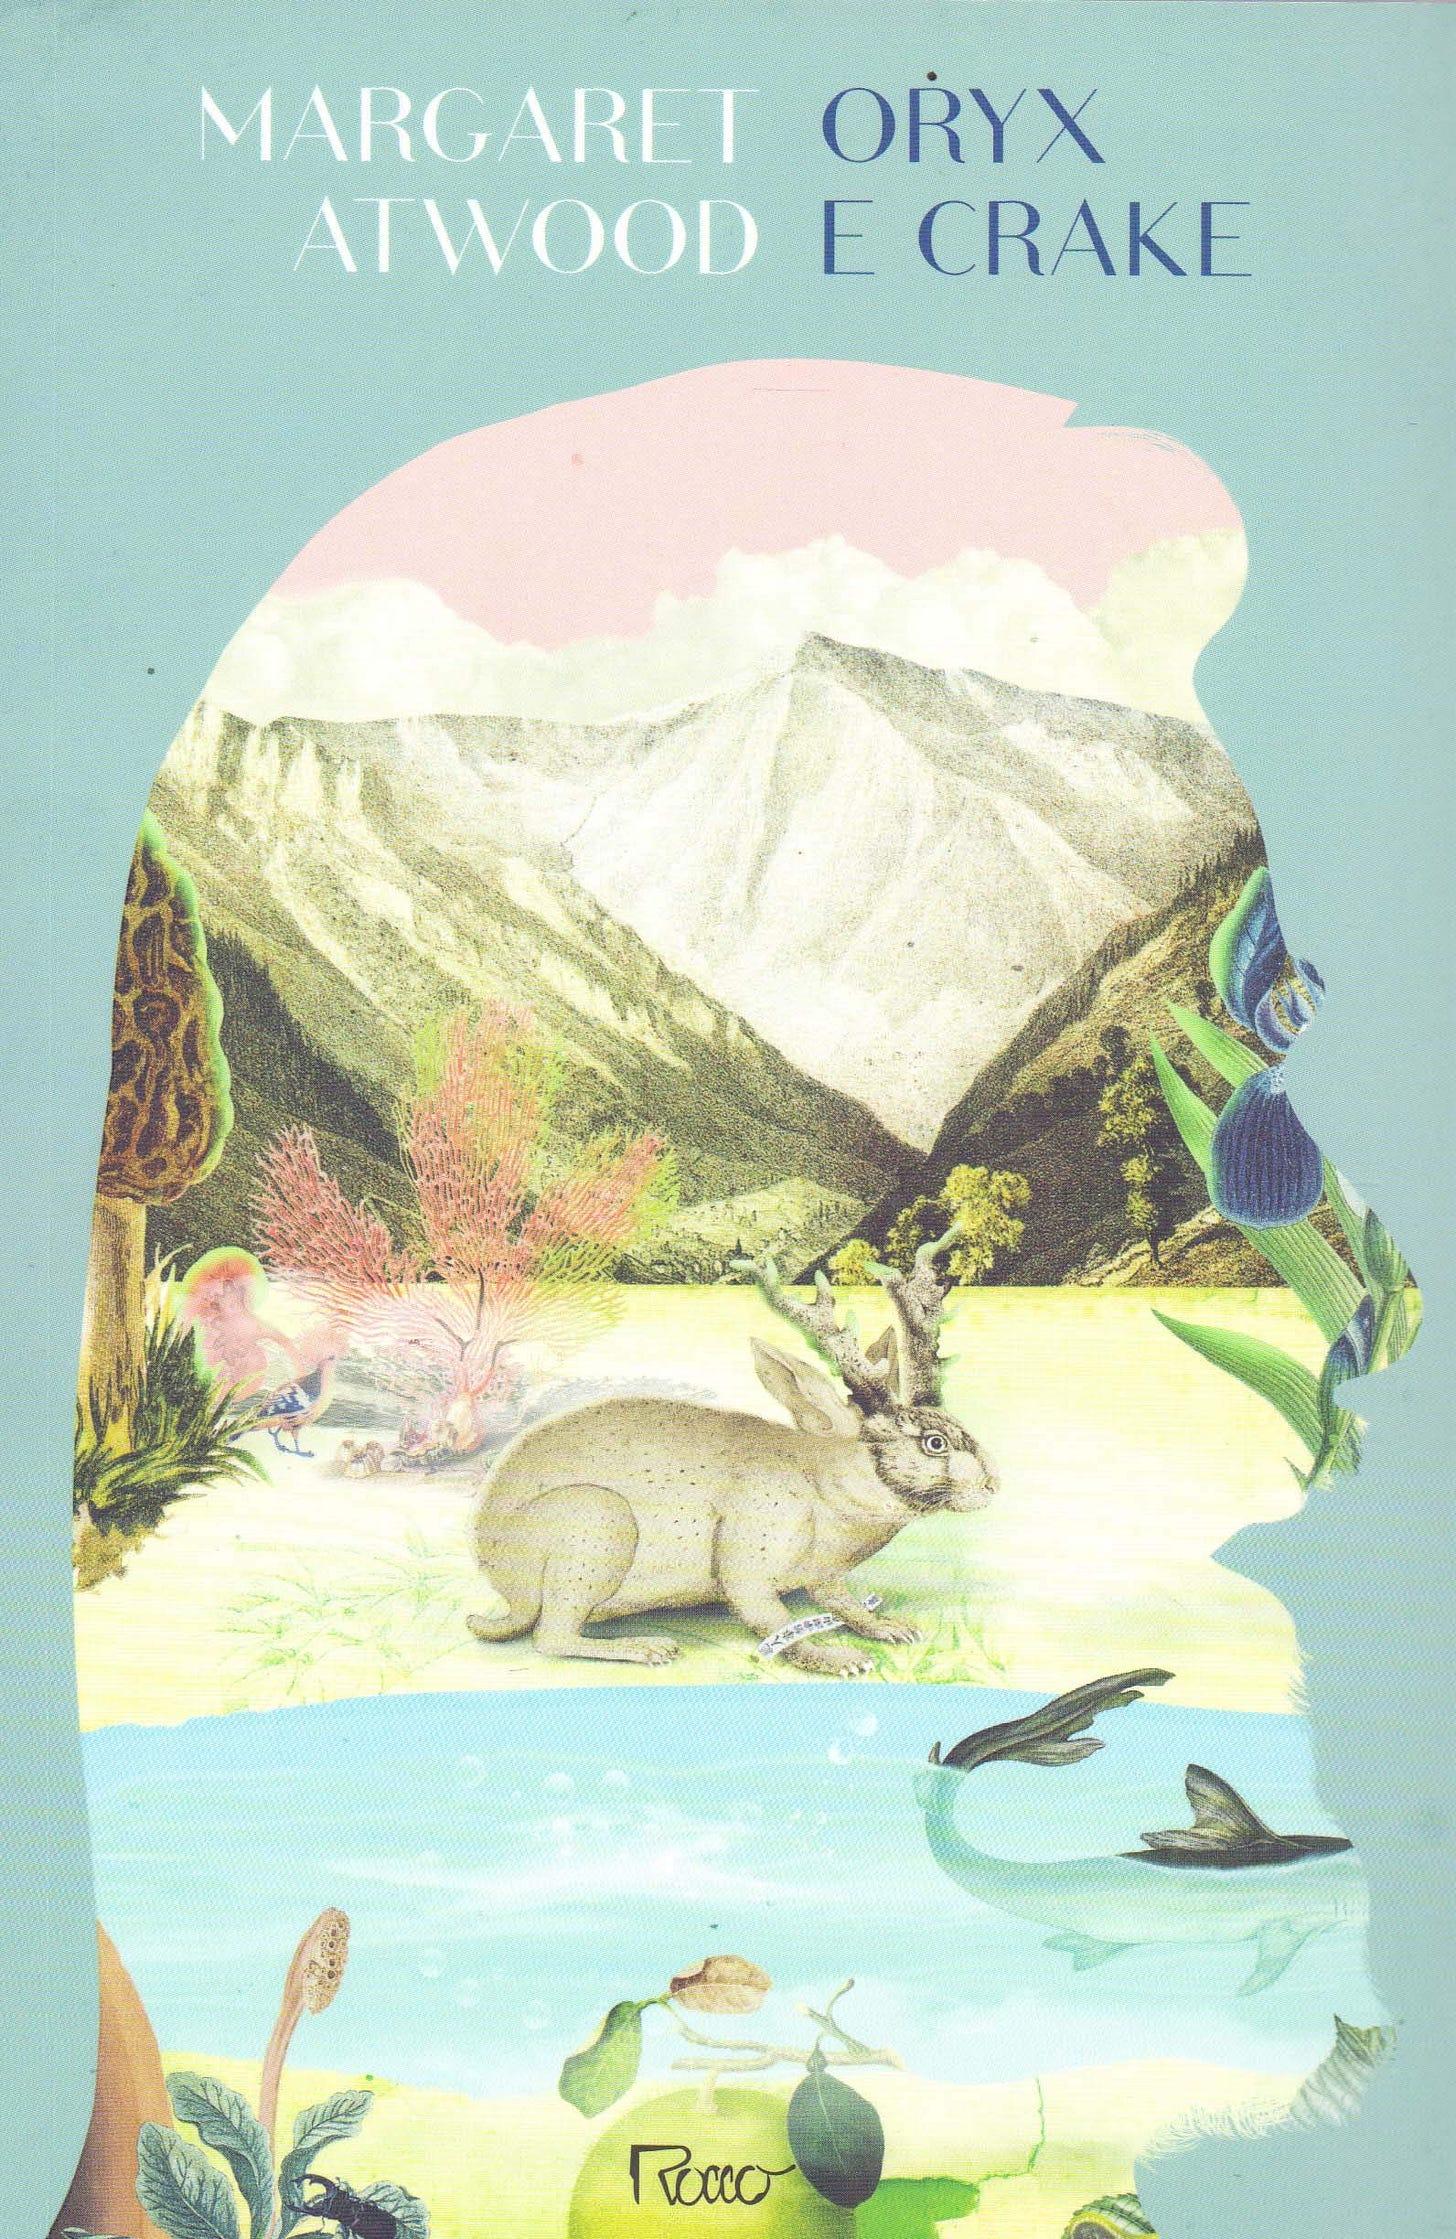 Capa do livro Oryx e Crake. Fundo azul claro, com a ilustração de uma paisagem natural, plantas e frutas, um peixe num lago e um coelho com chifres de alce, dentro do recorte da silhueta de um homem barbudo de perfil.